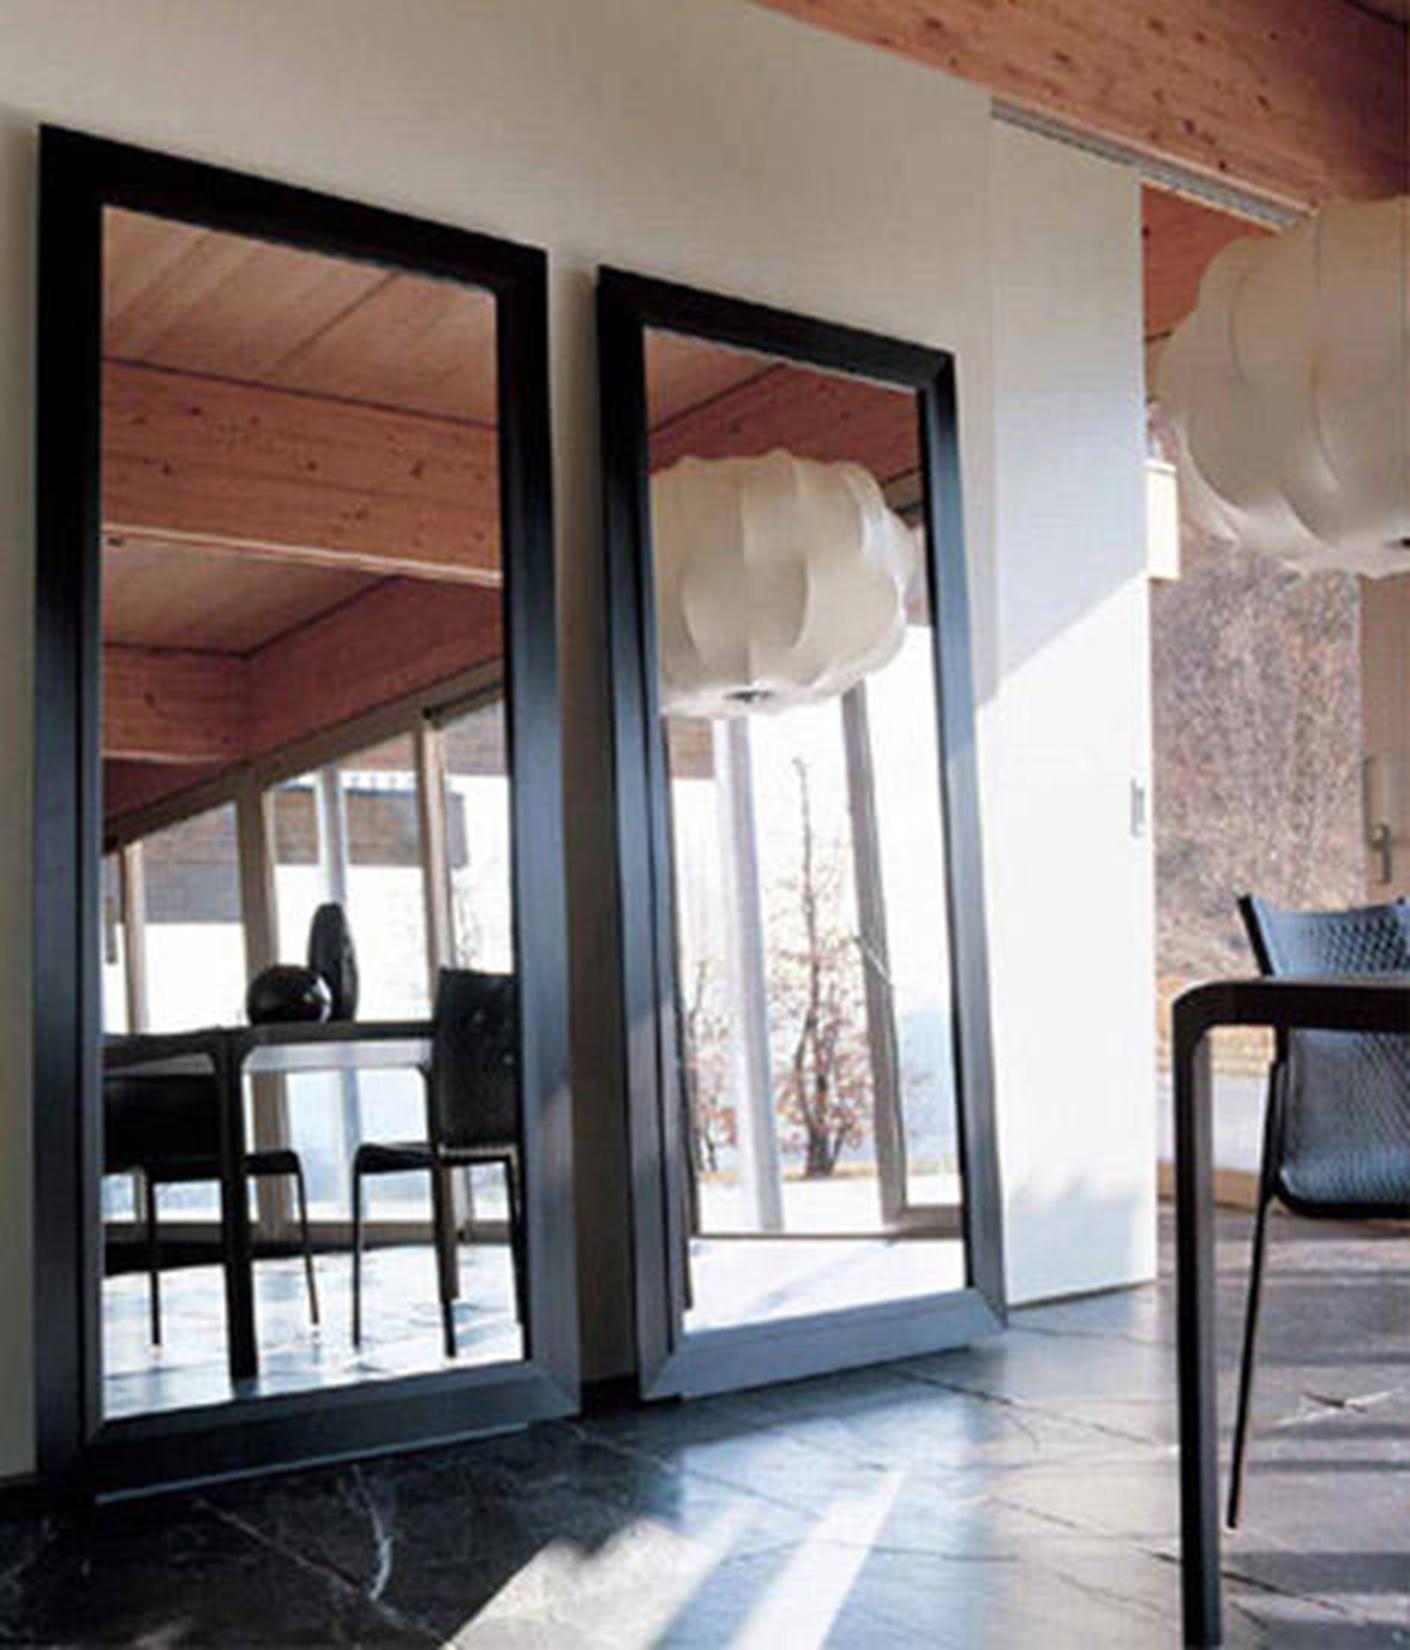 Specchio in offerta ycami alluminio marrone complementi a prezzi scontati - Alluminio lucidato a specchio ...